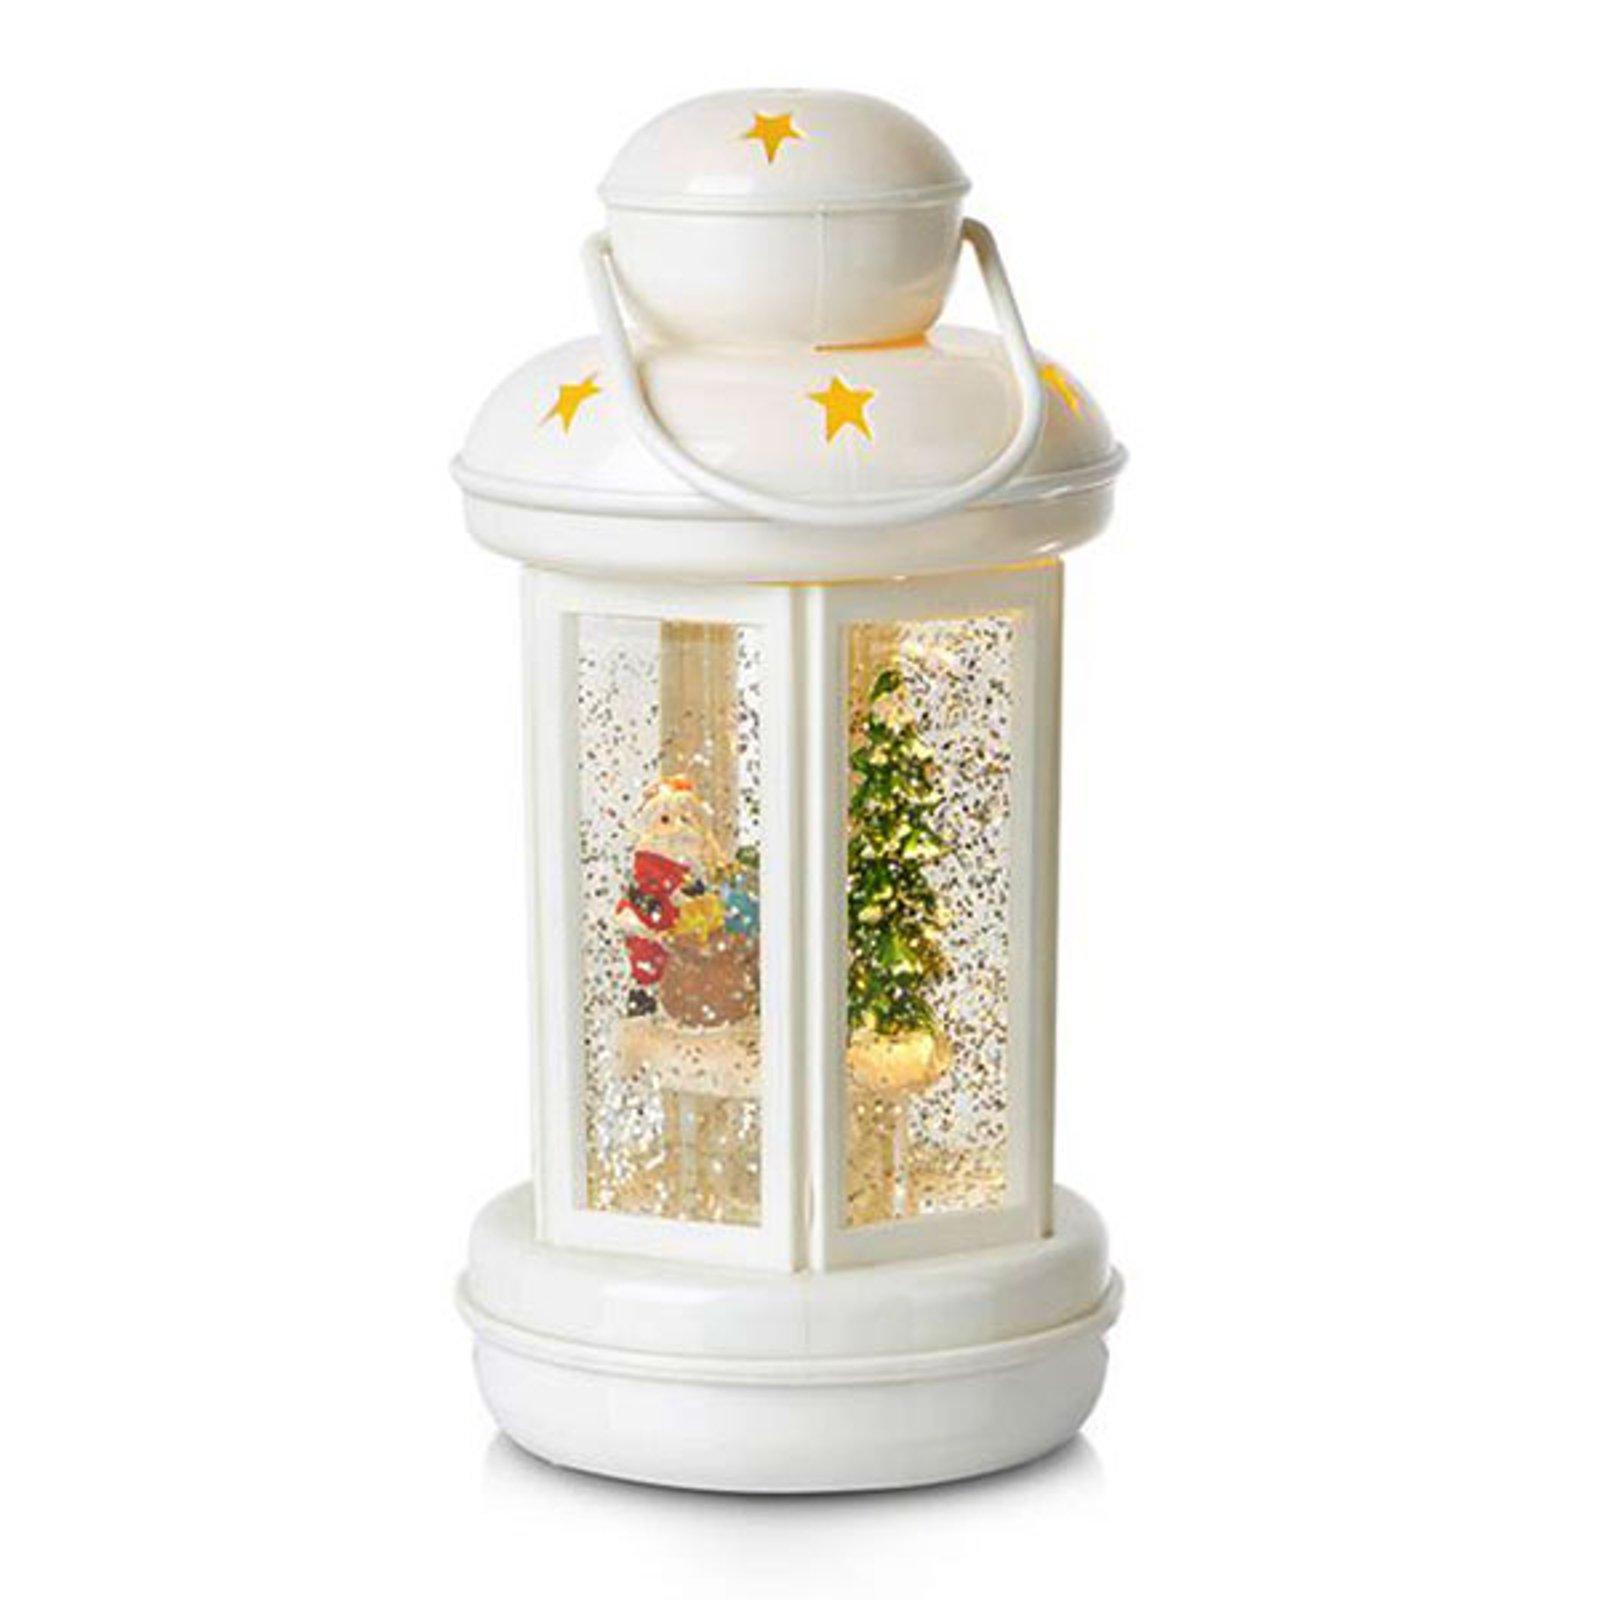 Glitter - fylt dekorlanterne Cosy LED hvit